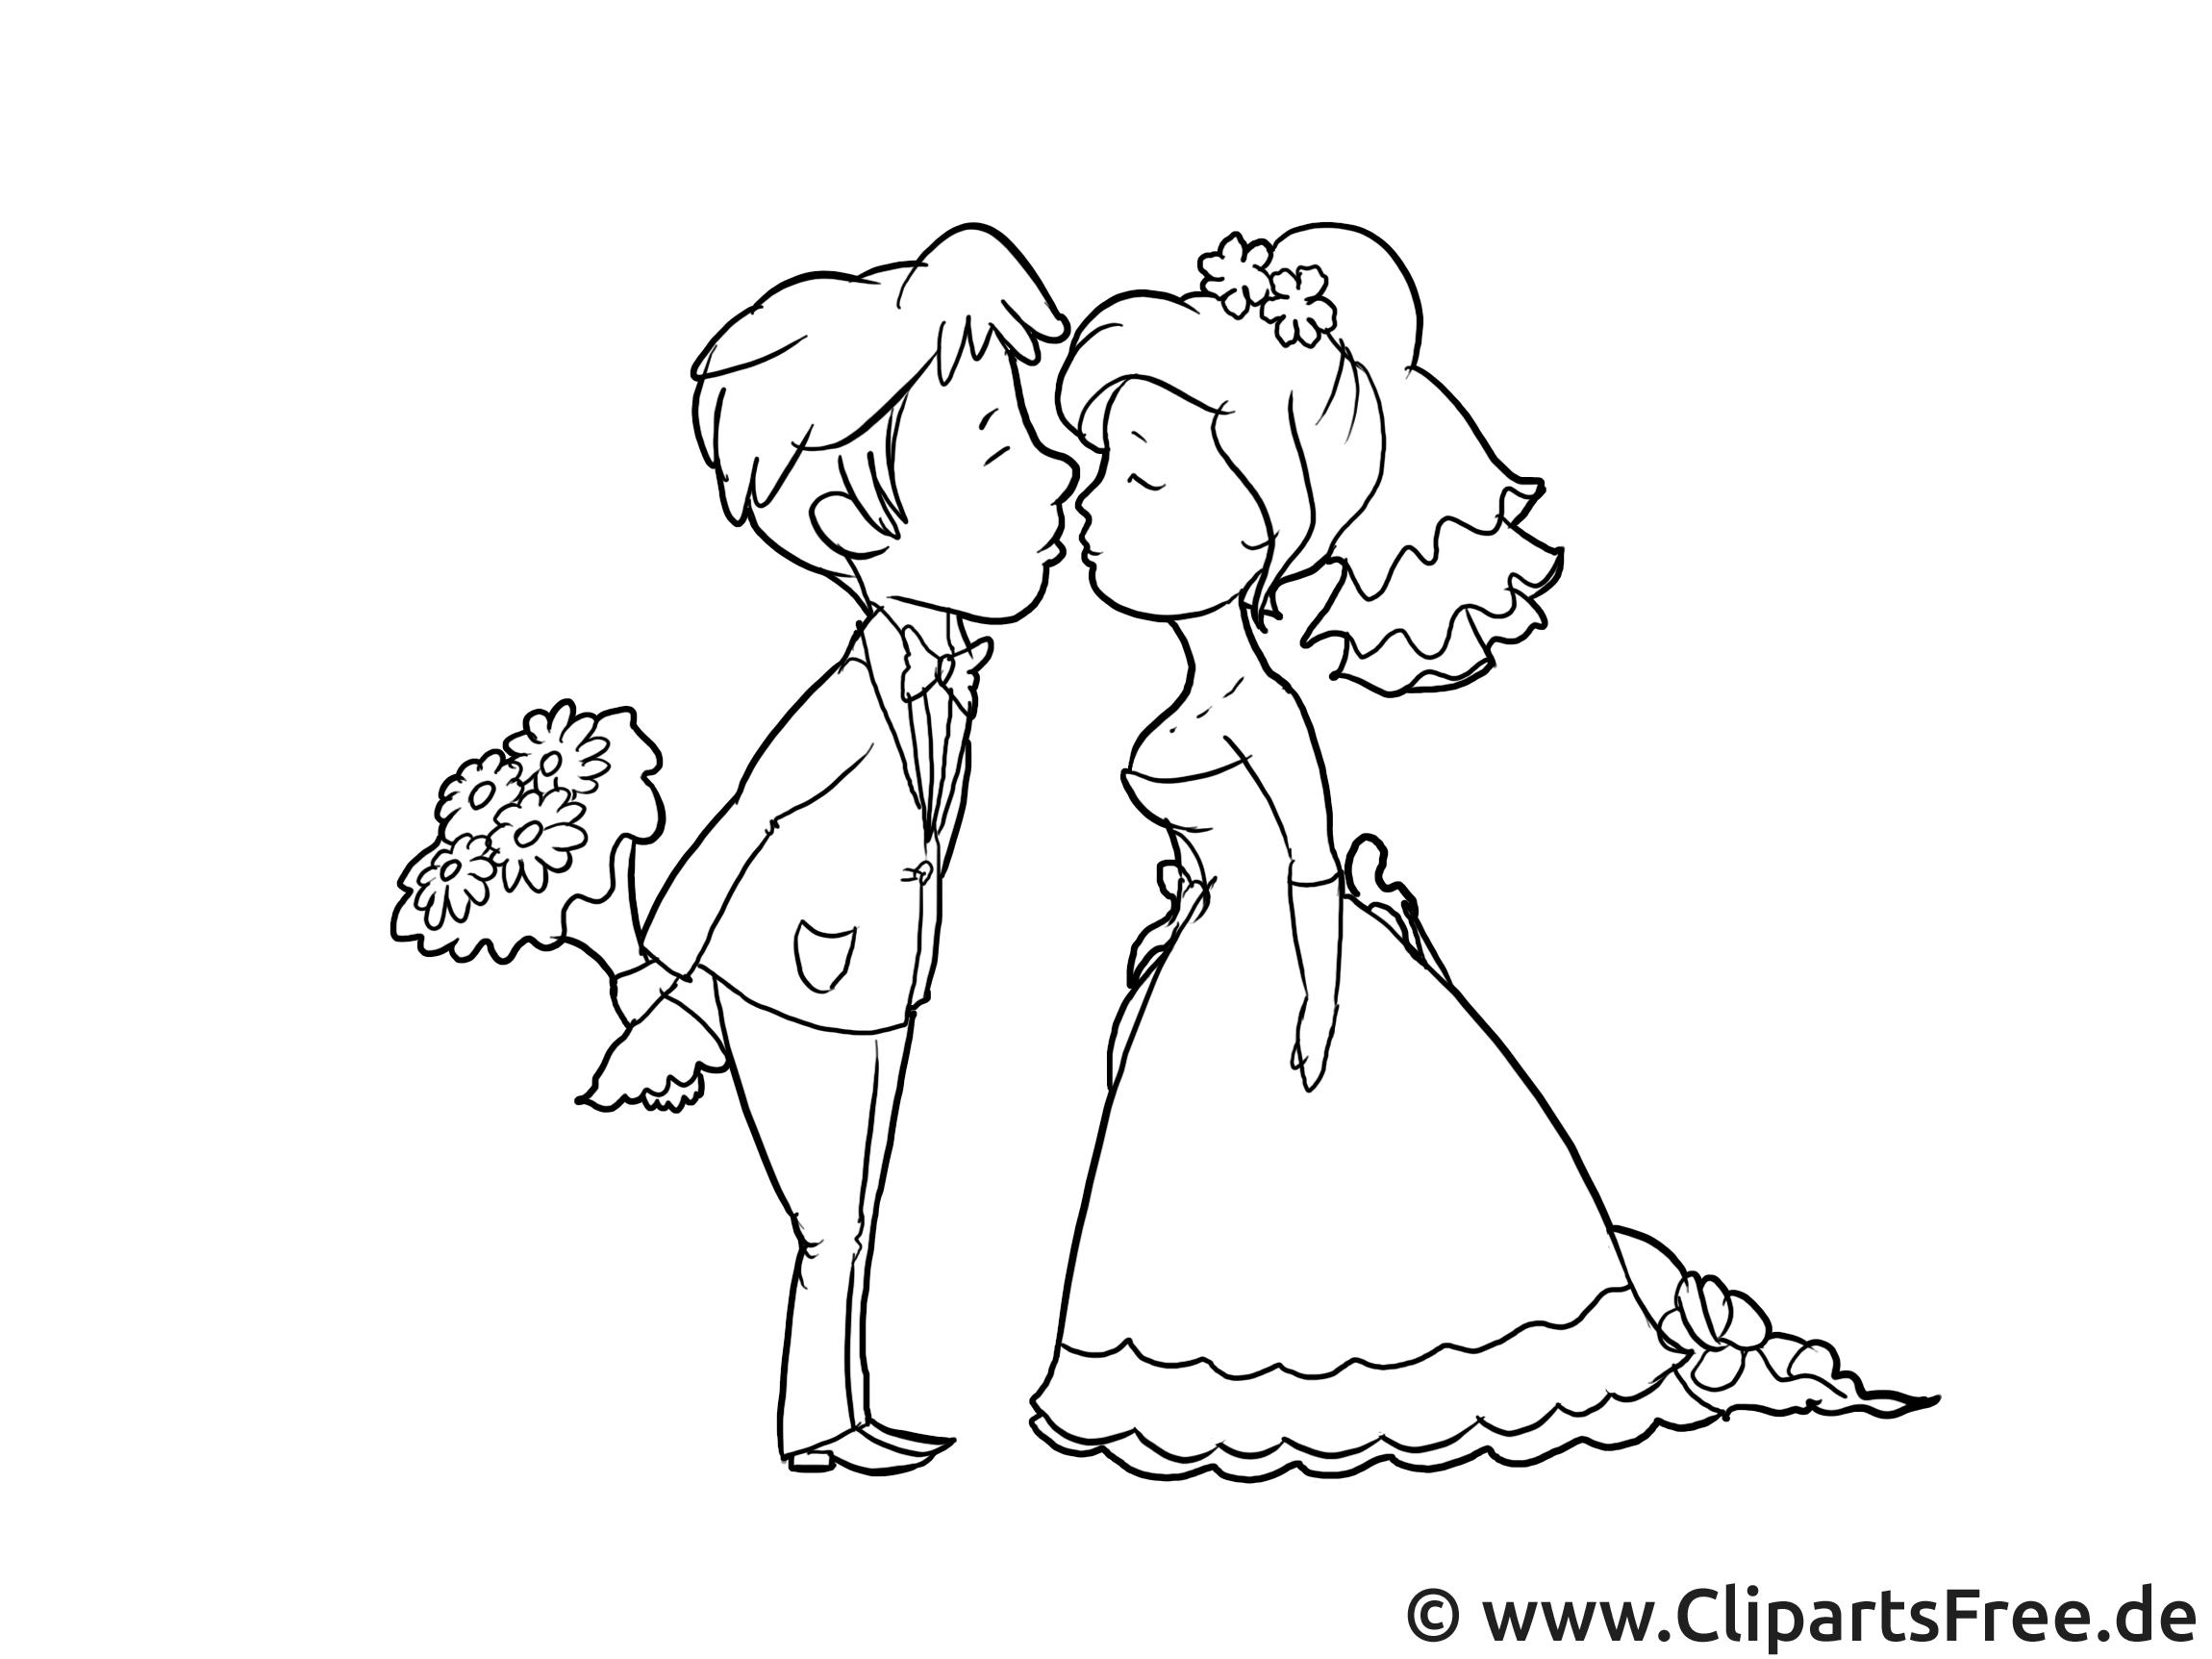 Cliparts à imprimer couple - Mariage images - Mariage ...